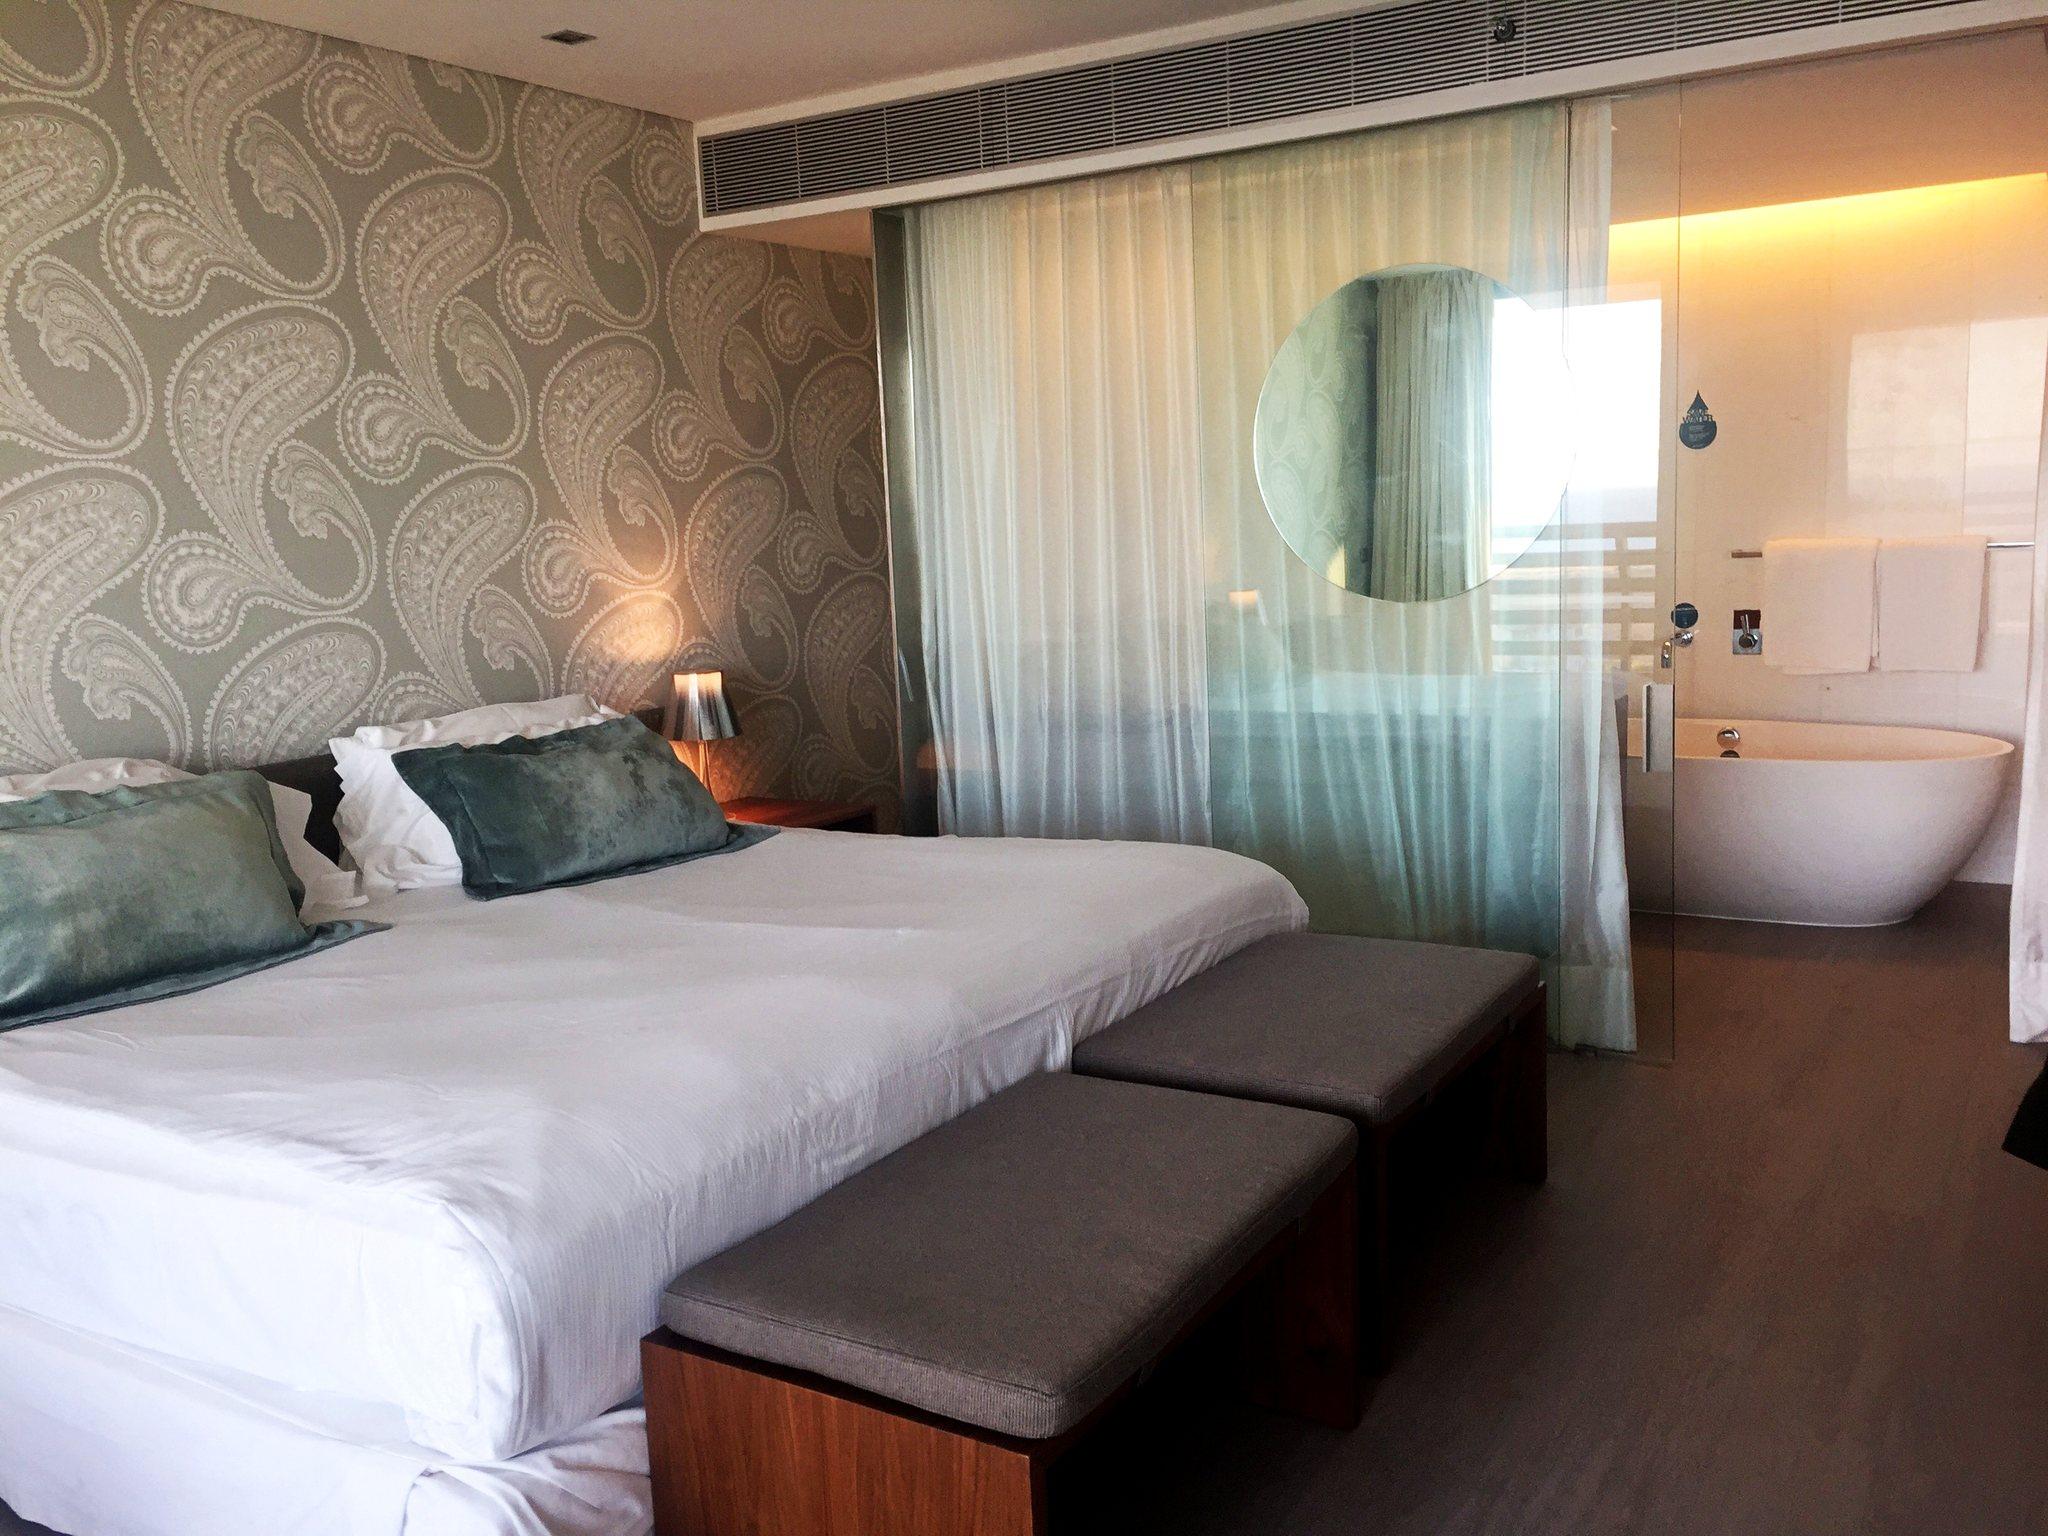 Quarto do Troia Design Hotel, na península de Tróia. Foto de Diogo Pereira